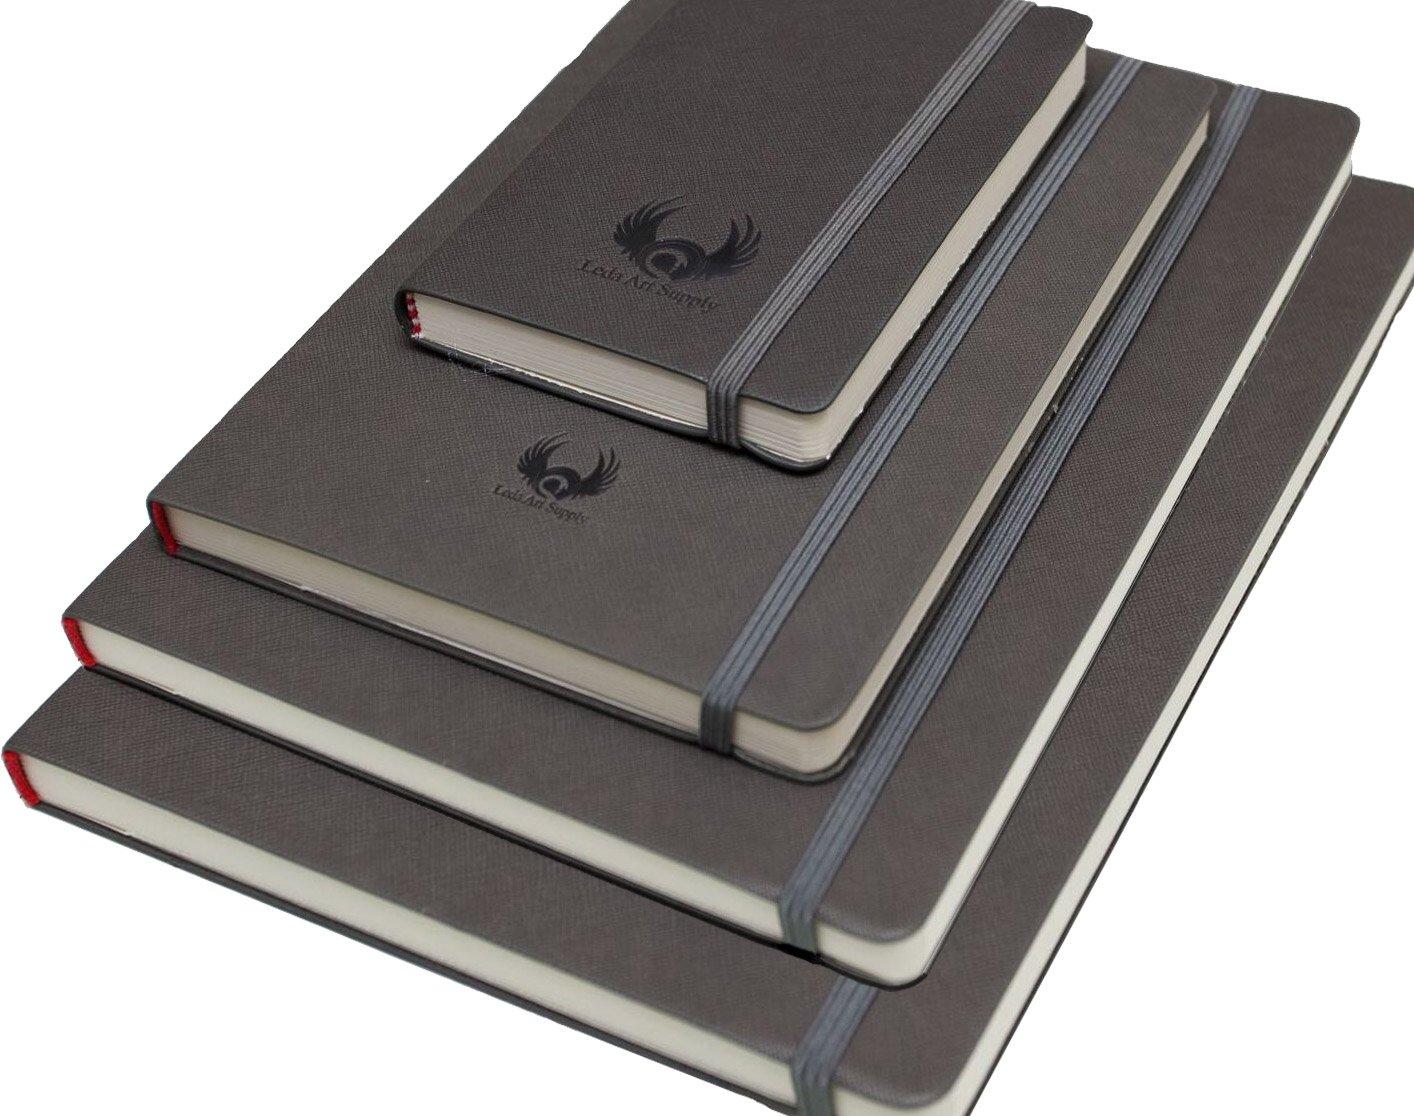 Leda Art Supply Sketchbook Multi-Pack Bundle (4 Sizes - Small Medium Large Extra Large) by Leda Art Supply